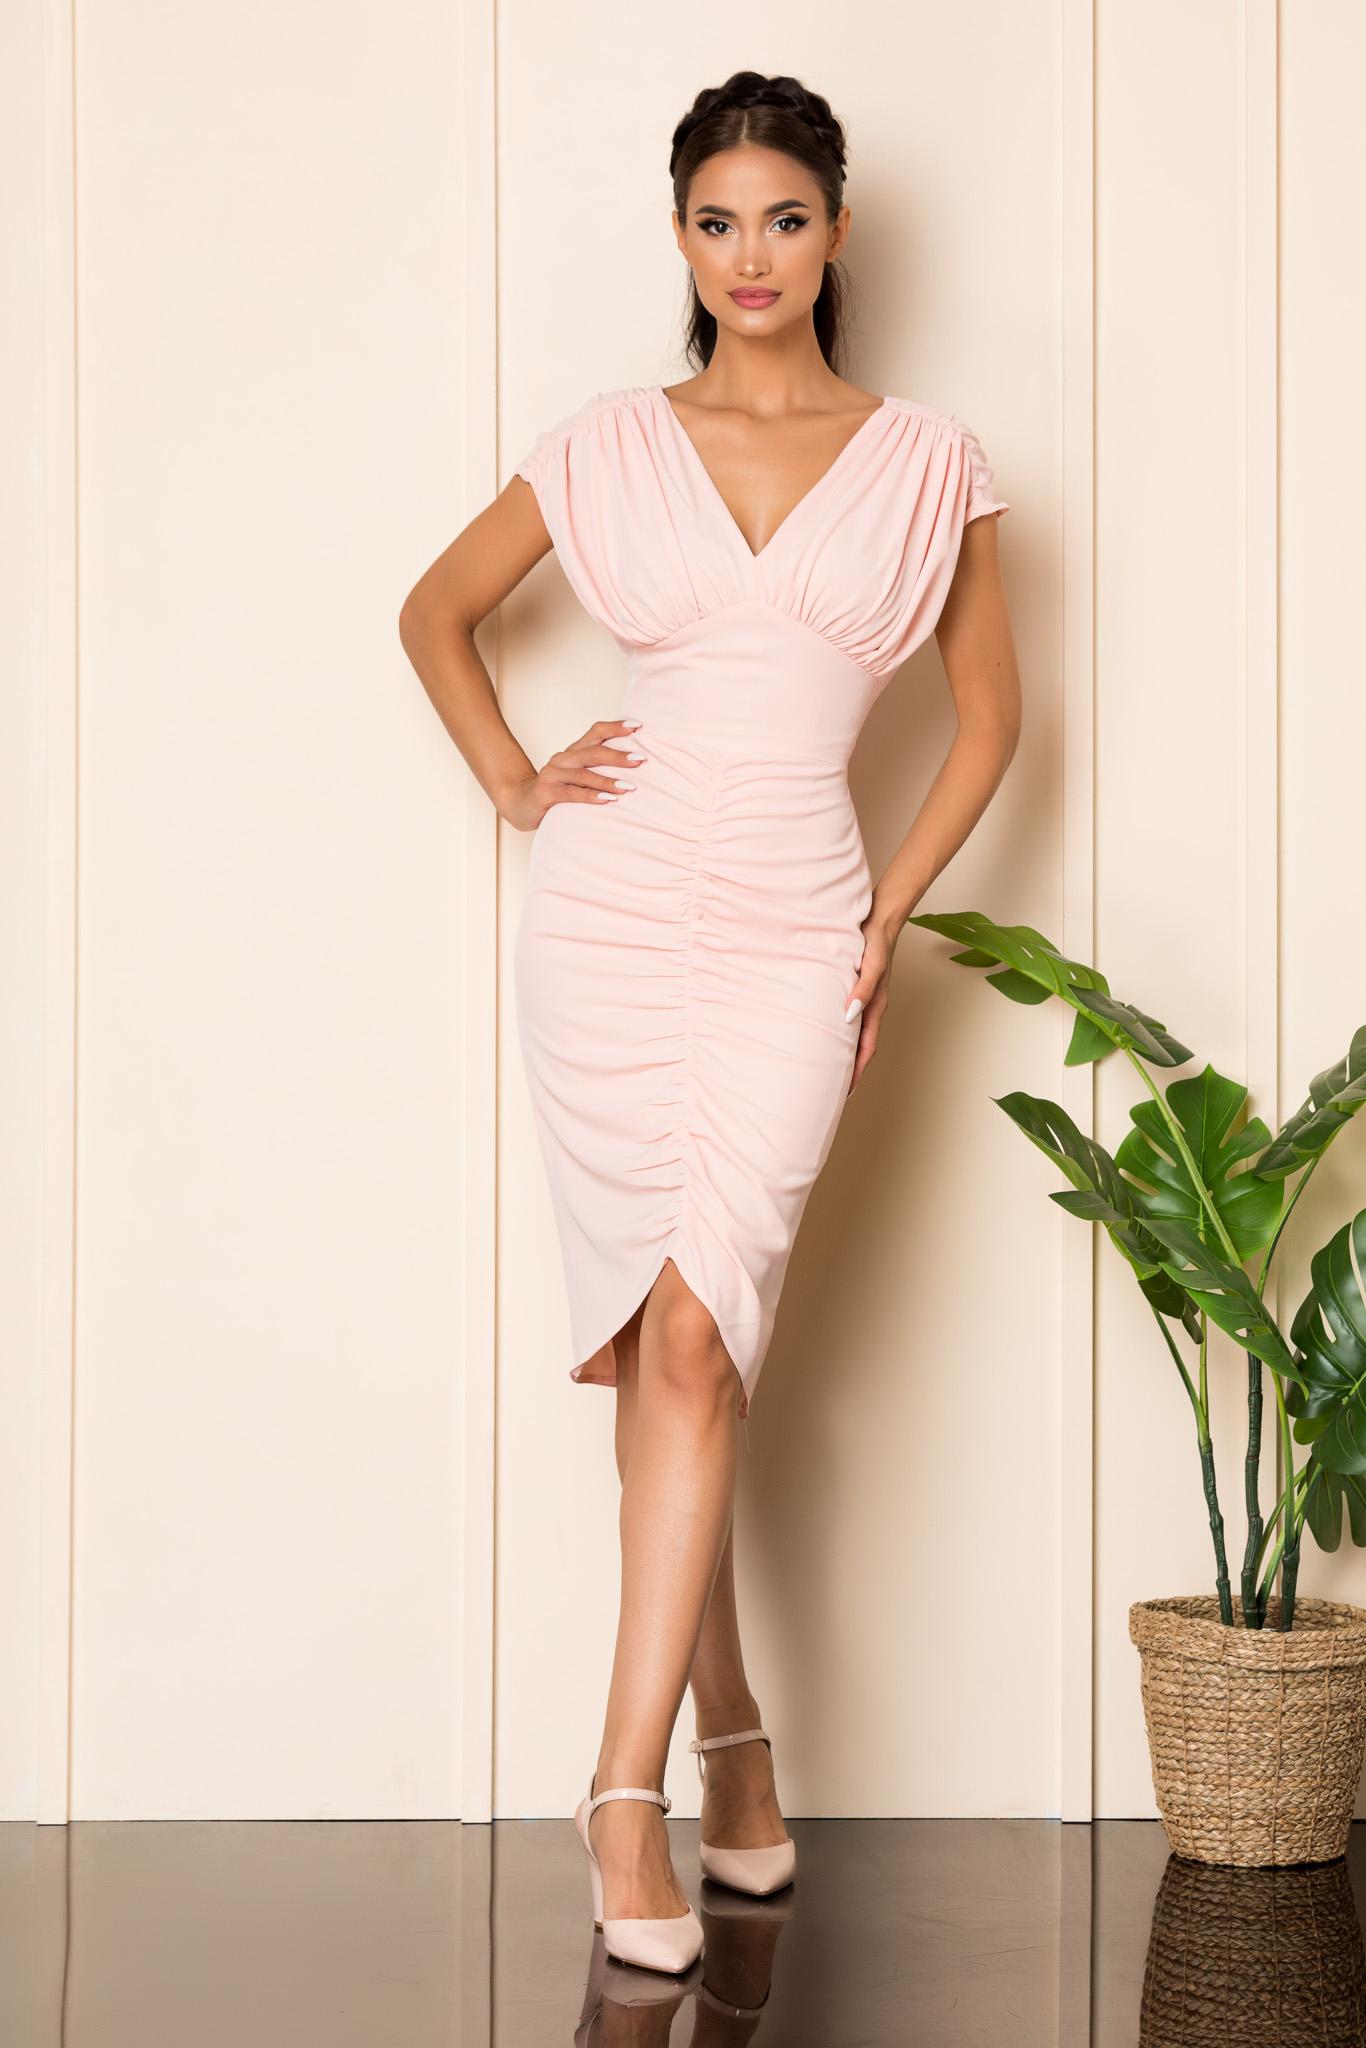 Rochie Moze Ruth Rose Marimi Mari S (36) | M (38) | L (40) | XL (42) | XXL (44) | 3XL (46)